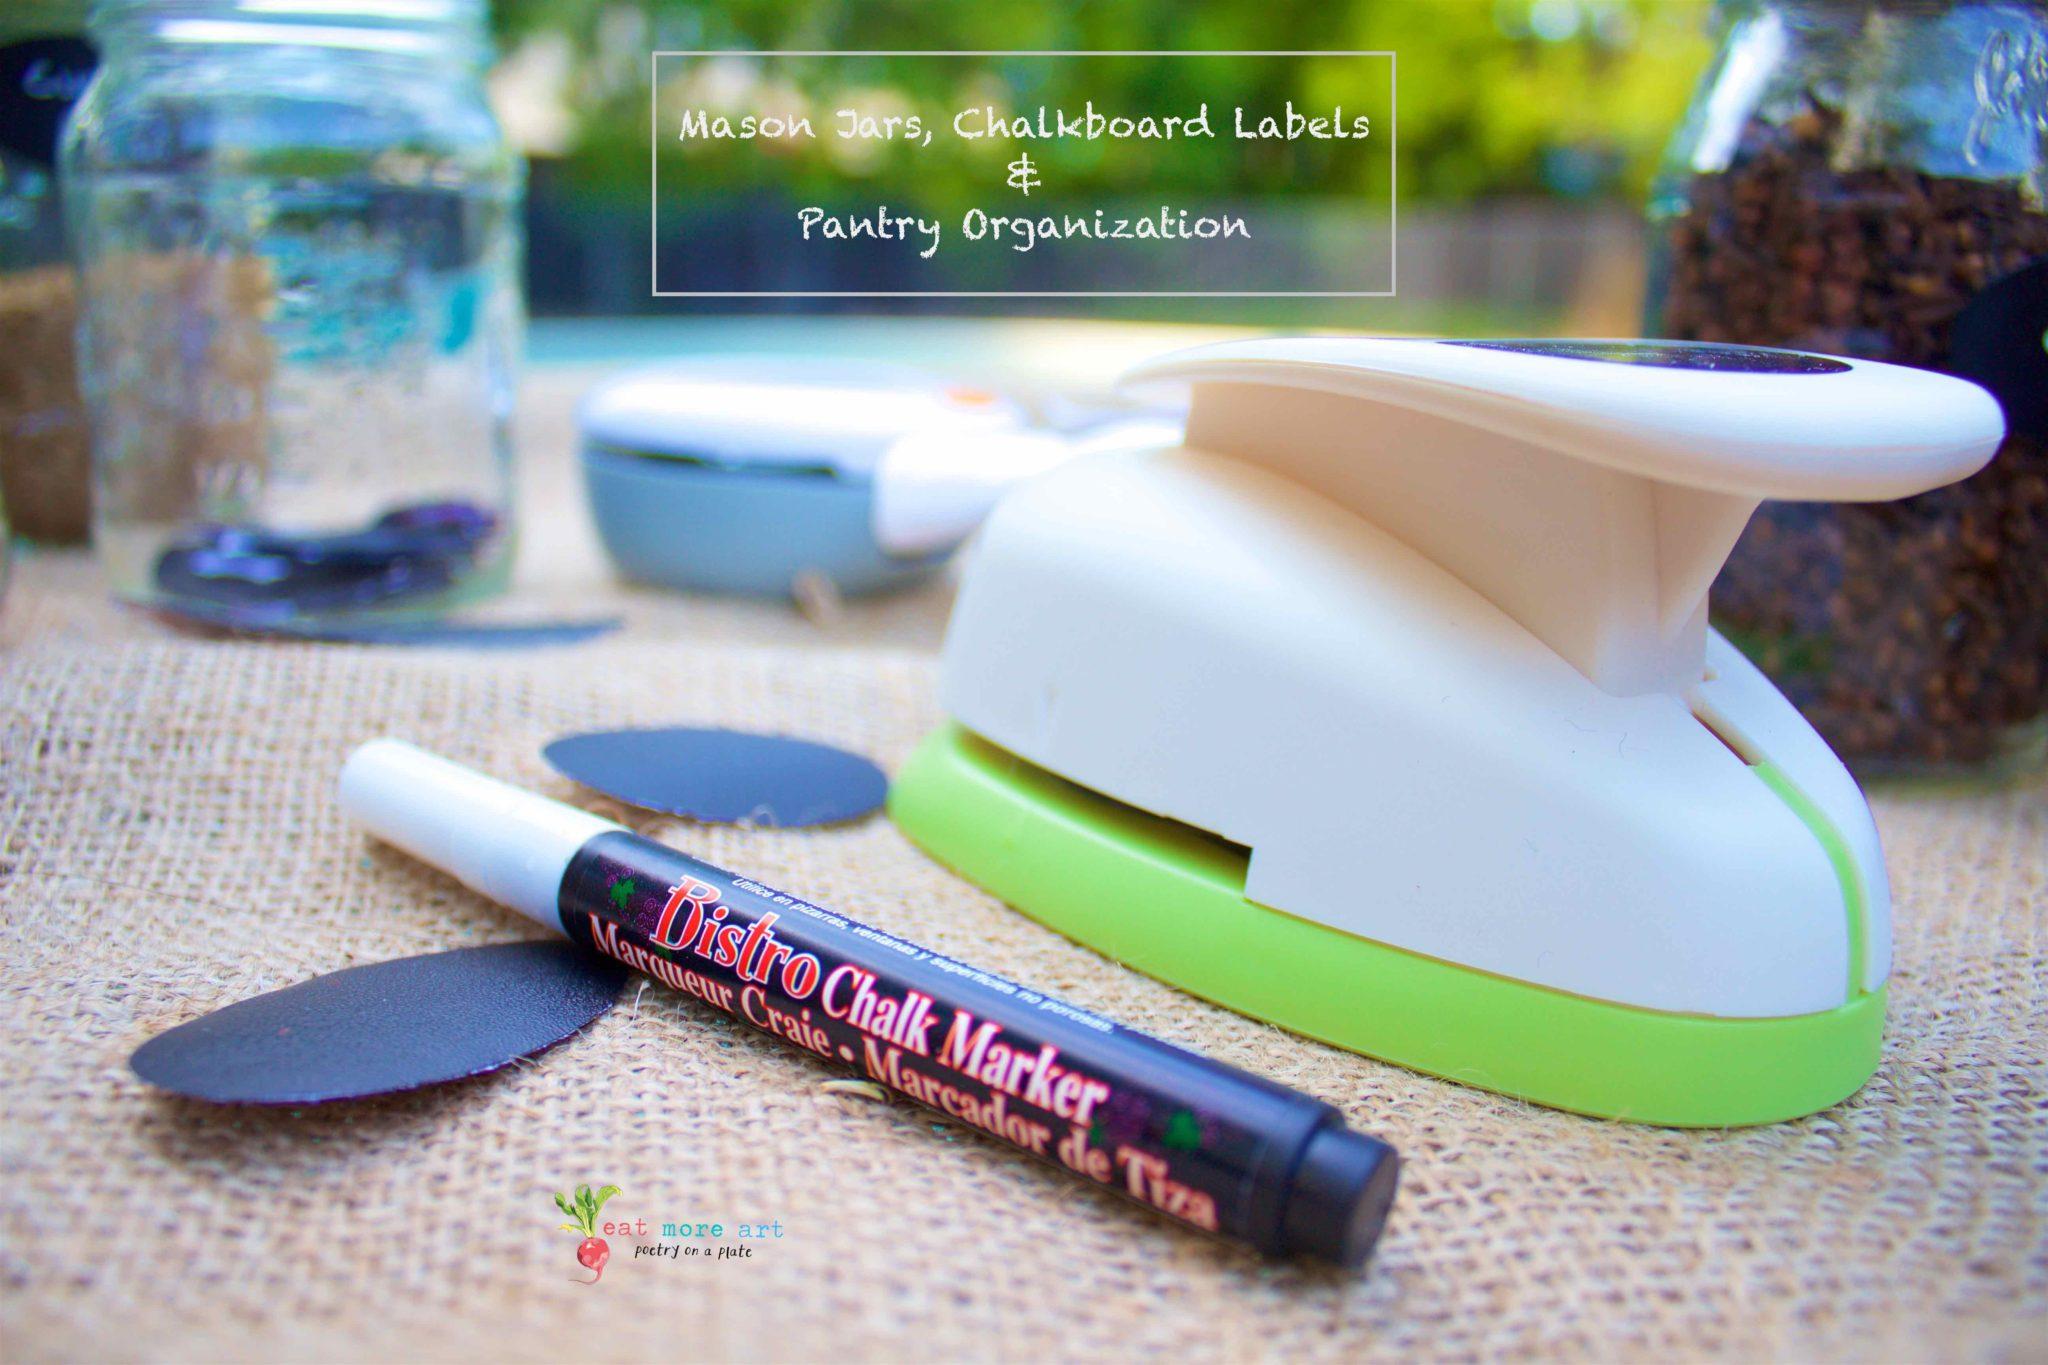 Mason Jars, Chalkboard Labels and Pantry & Kitchen Organization